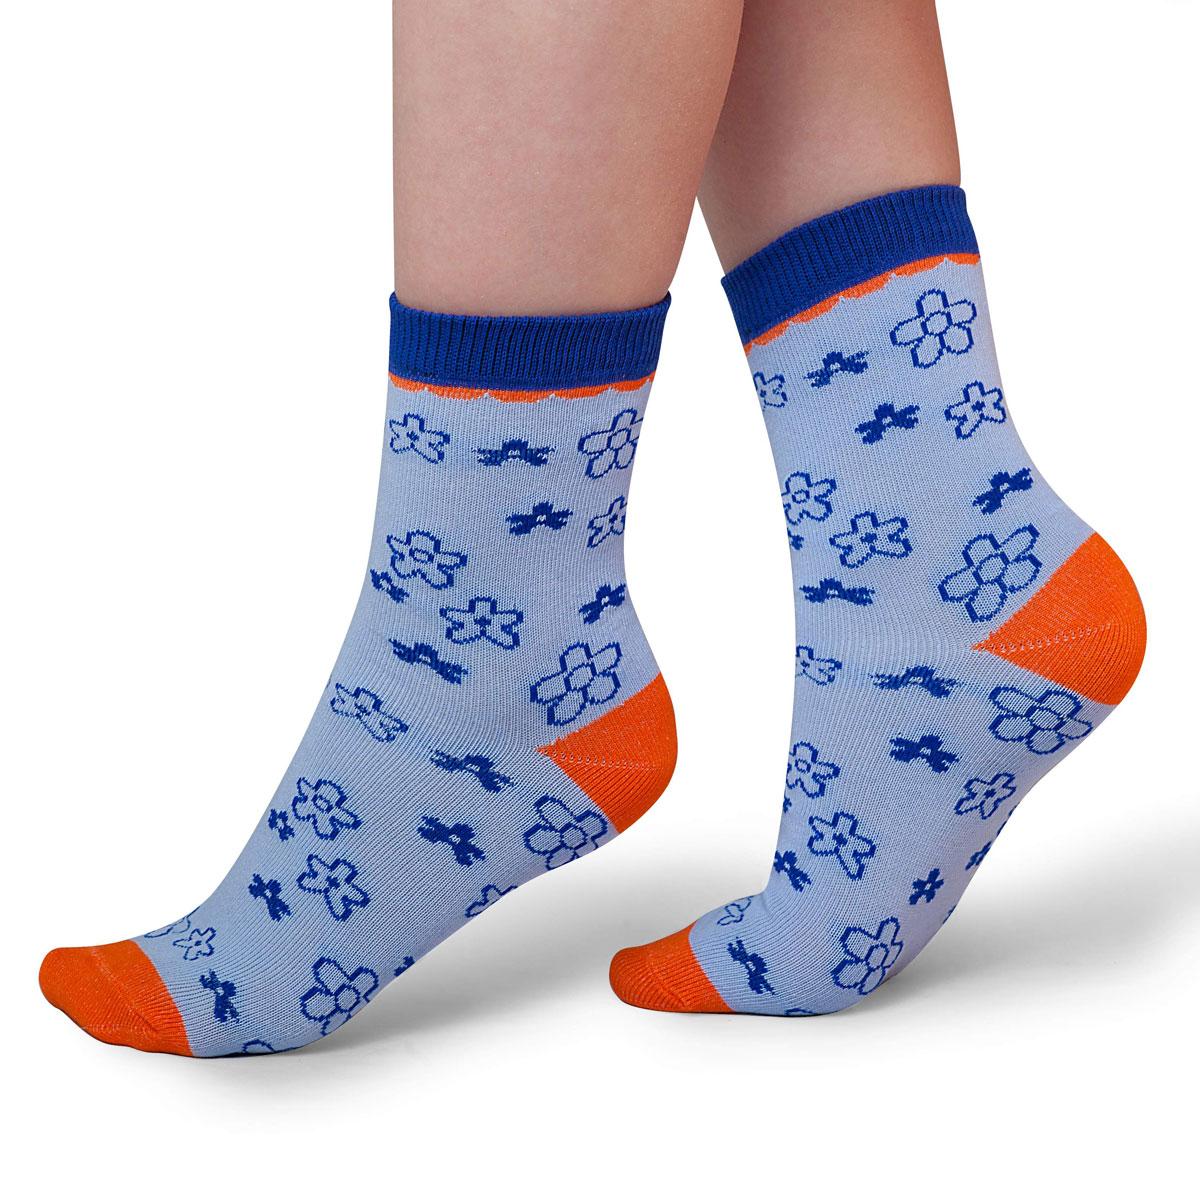 Носки для девочки Idilio, цвет: голубой. SG12. Размер 27/29SG12Комфортные носки для девочек с добавлением экологически чистого хлопка, изготовленные без применения химических красителей.